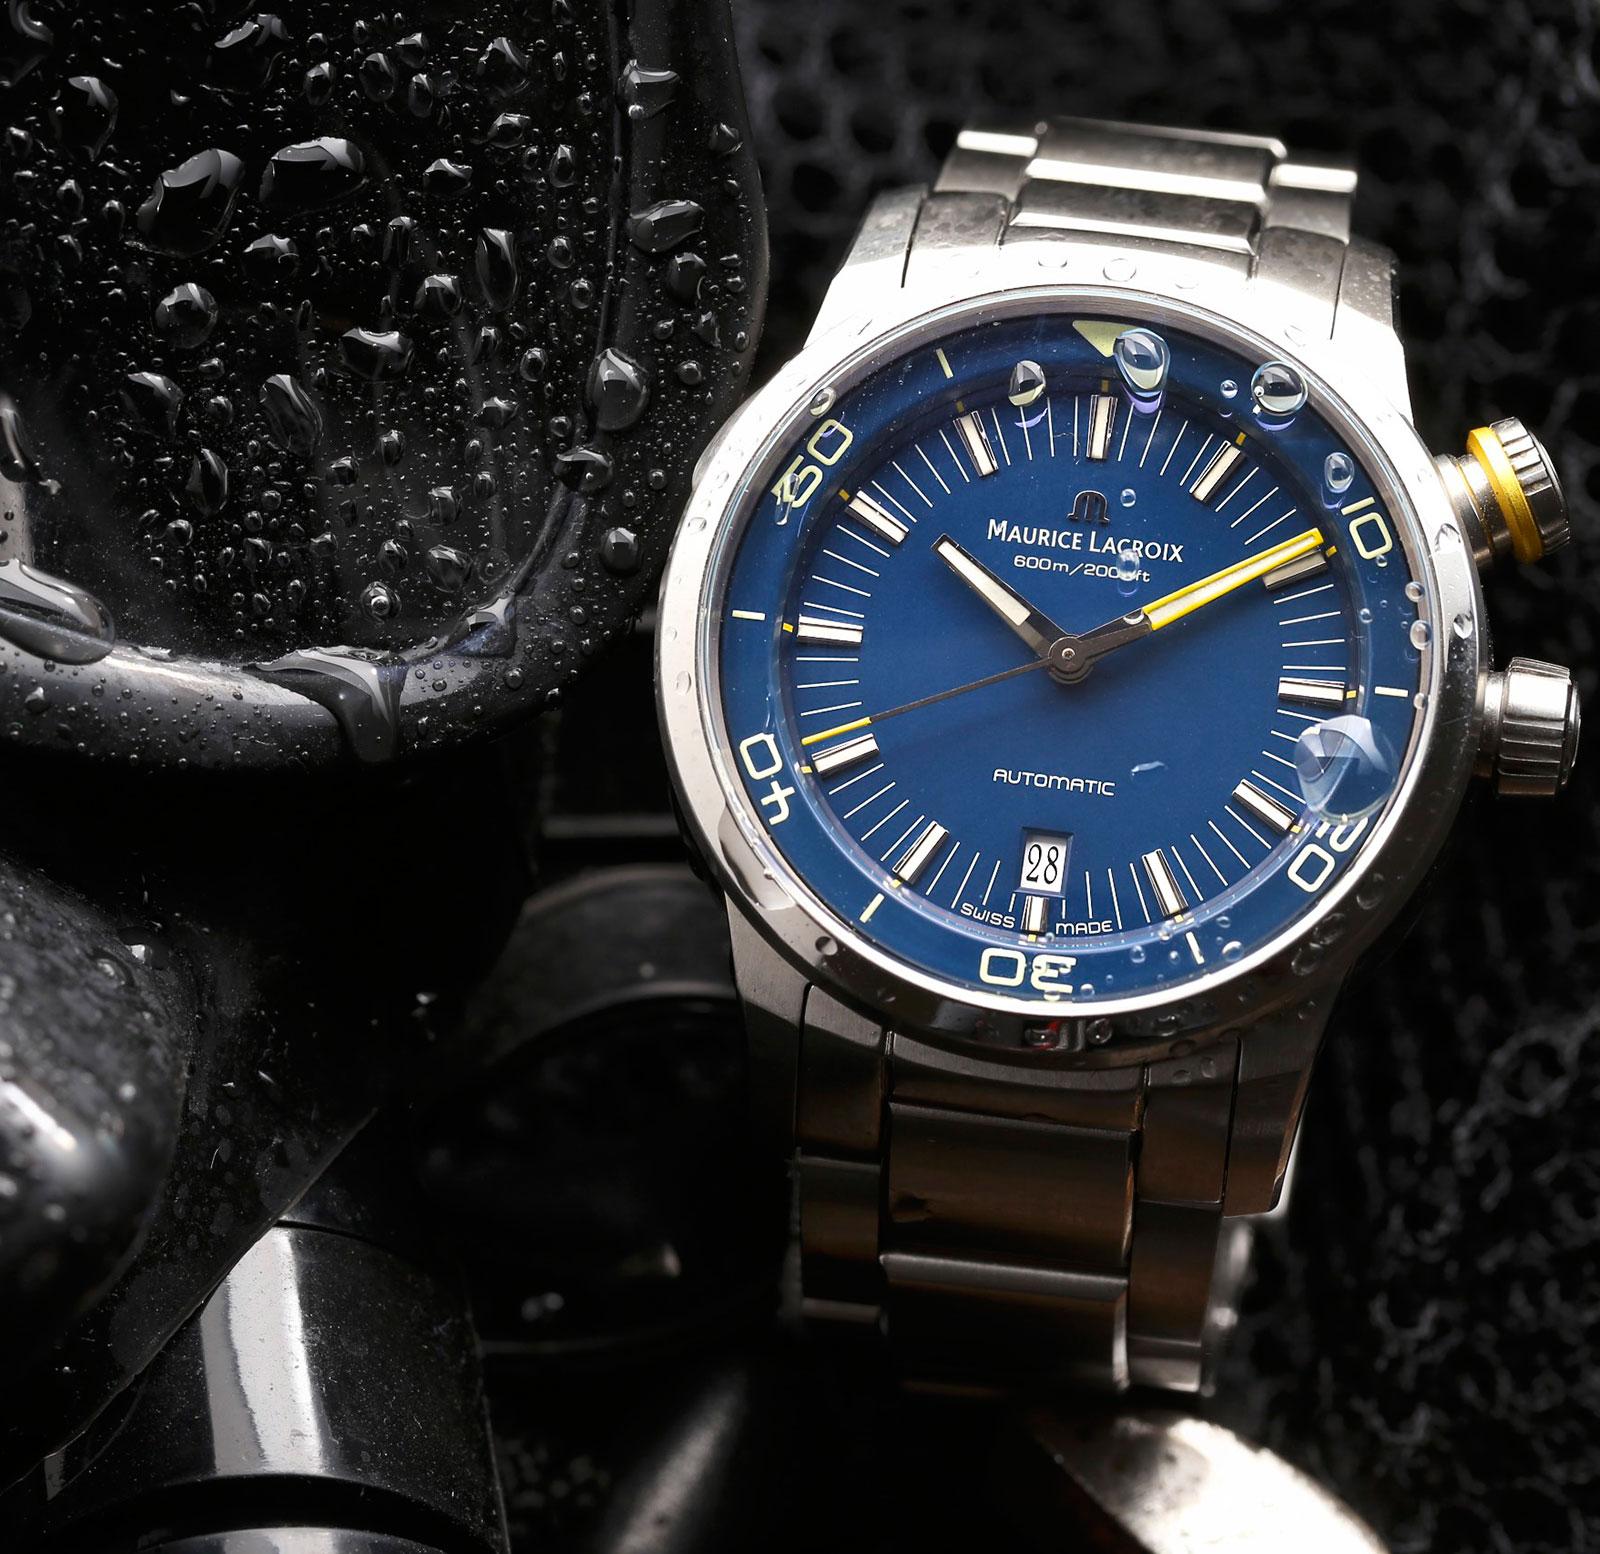 Maurice Lacroix Pontos S Diver Blue Devil Limited Edition 3